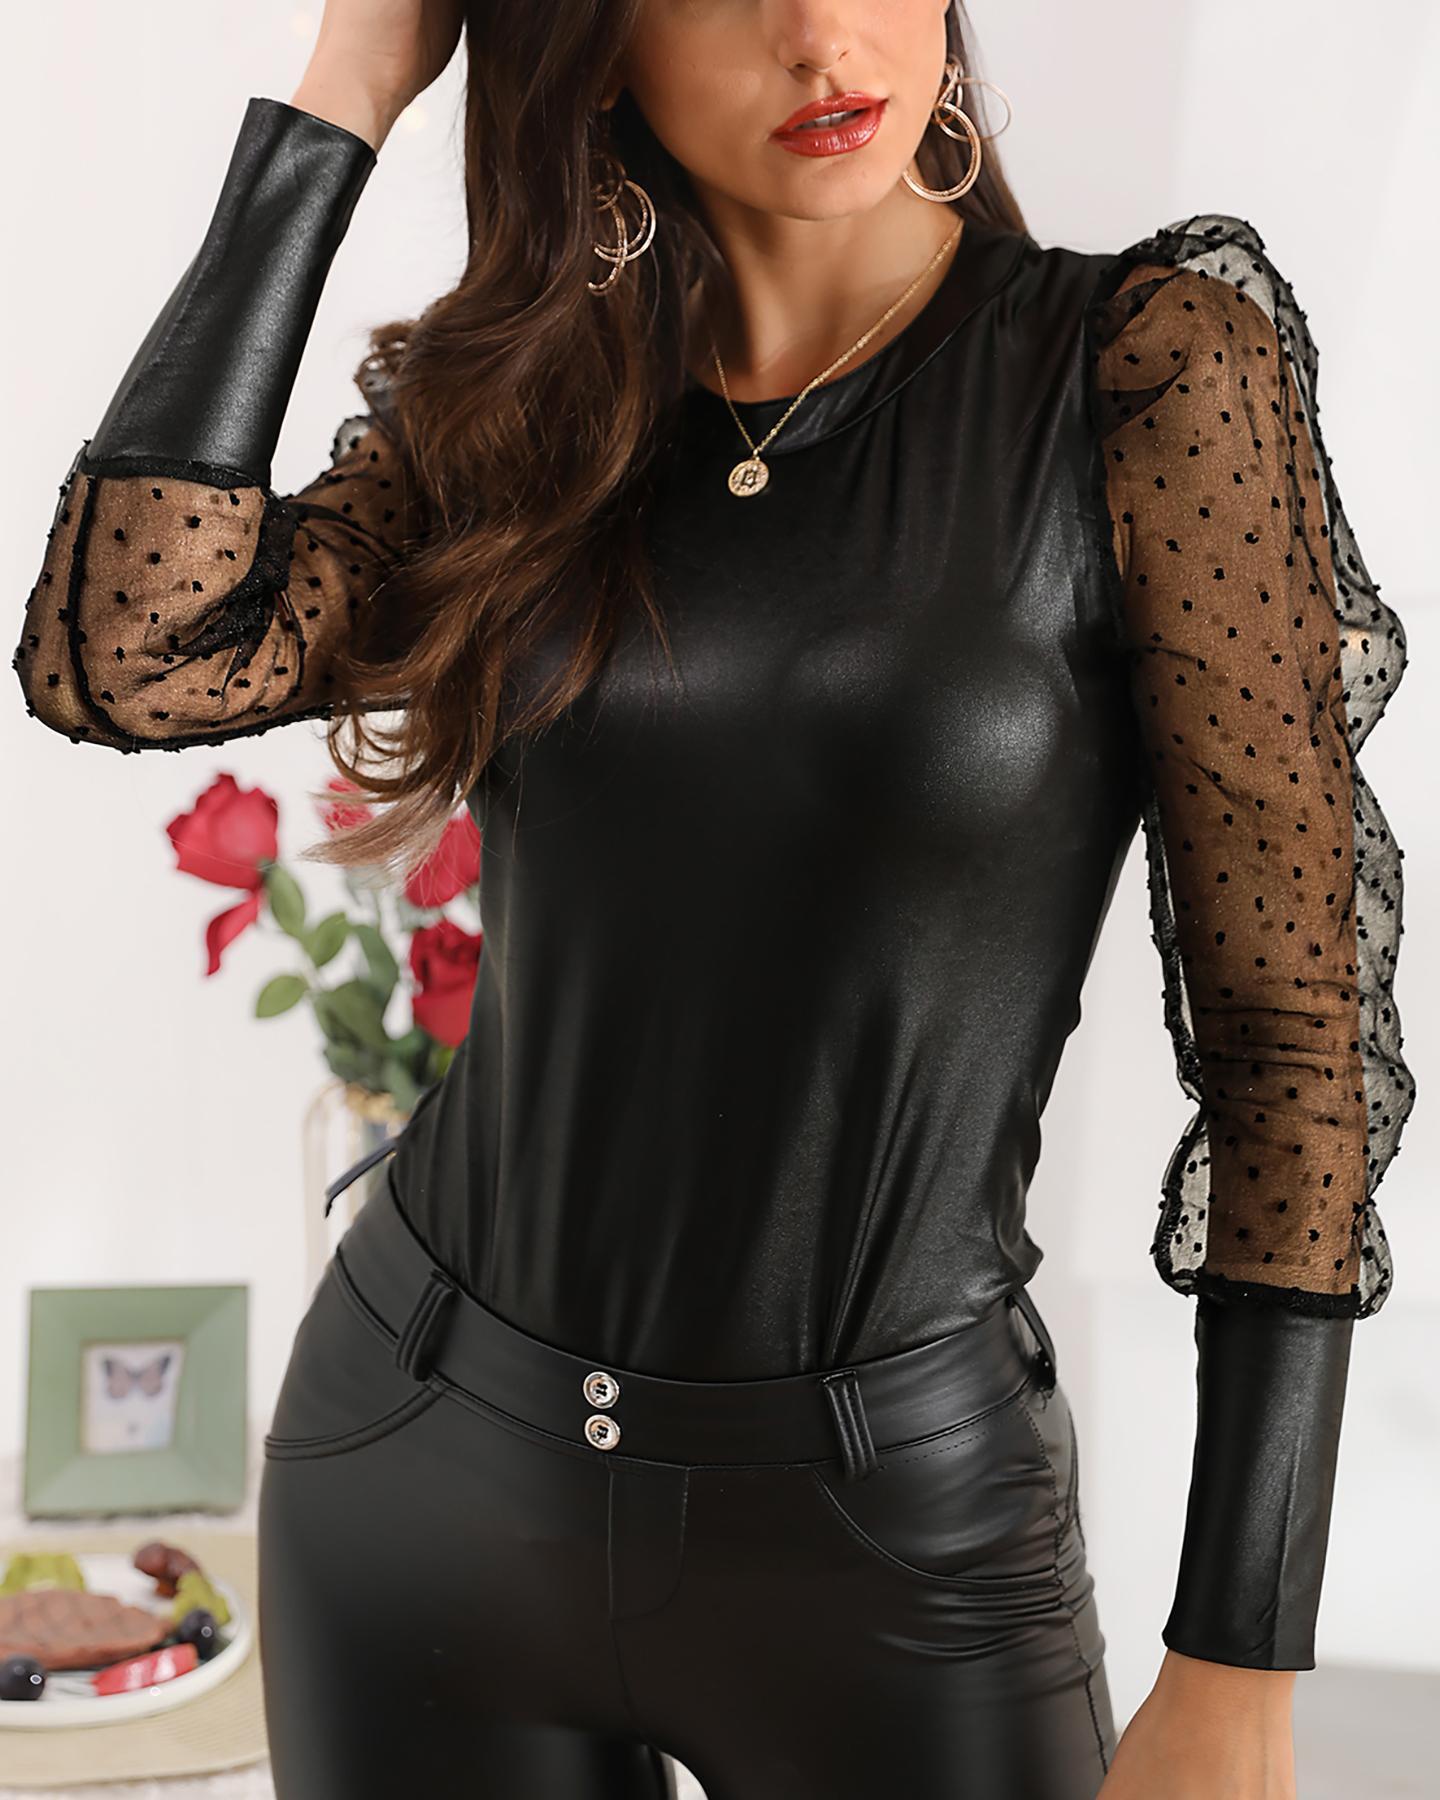 joyshoetique / Faux Leather Dot Mesh Puffed Sleeve Blouse